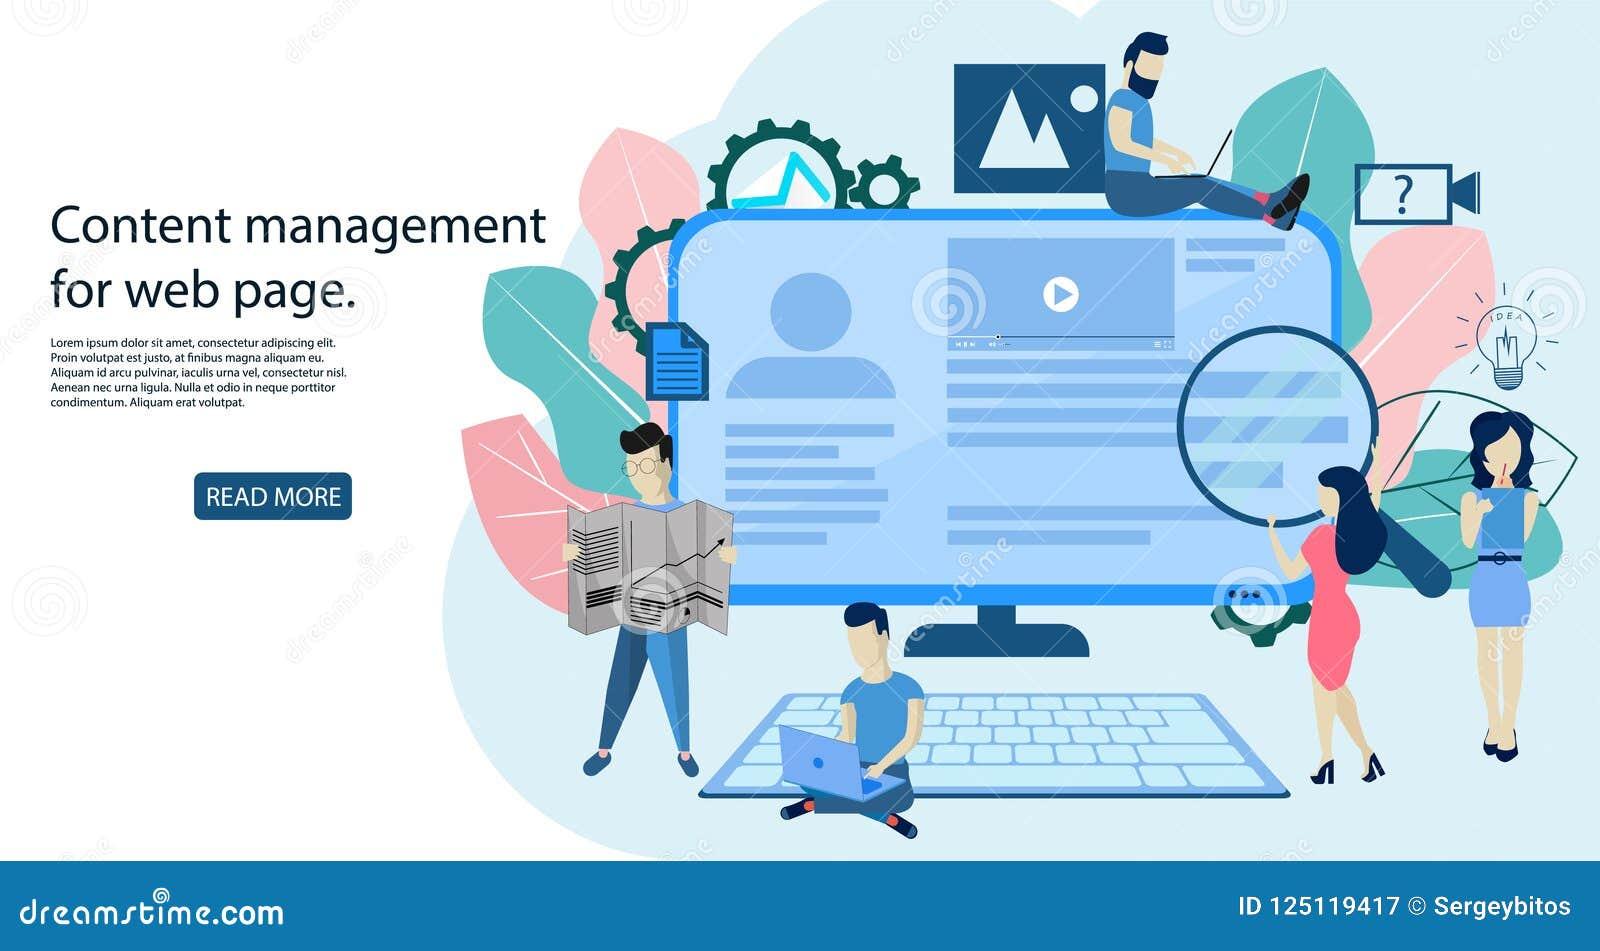 Bloggingsconcept, inhoudsbeheer voor Web-pagina